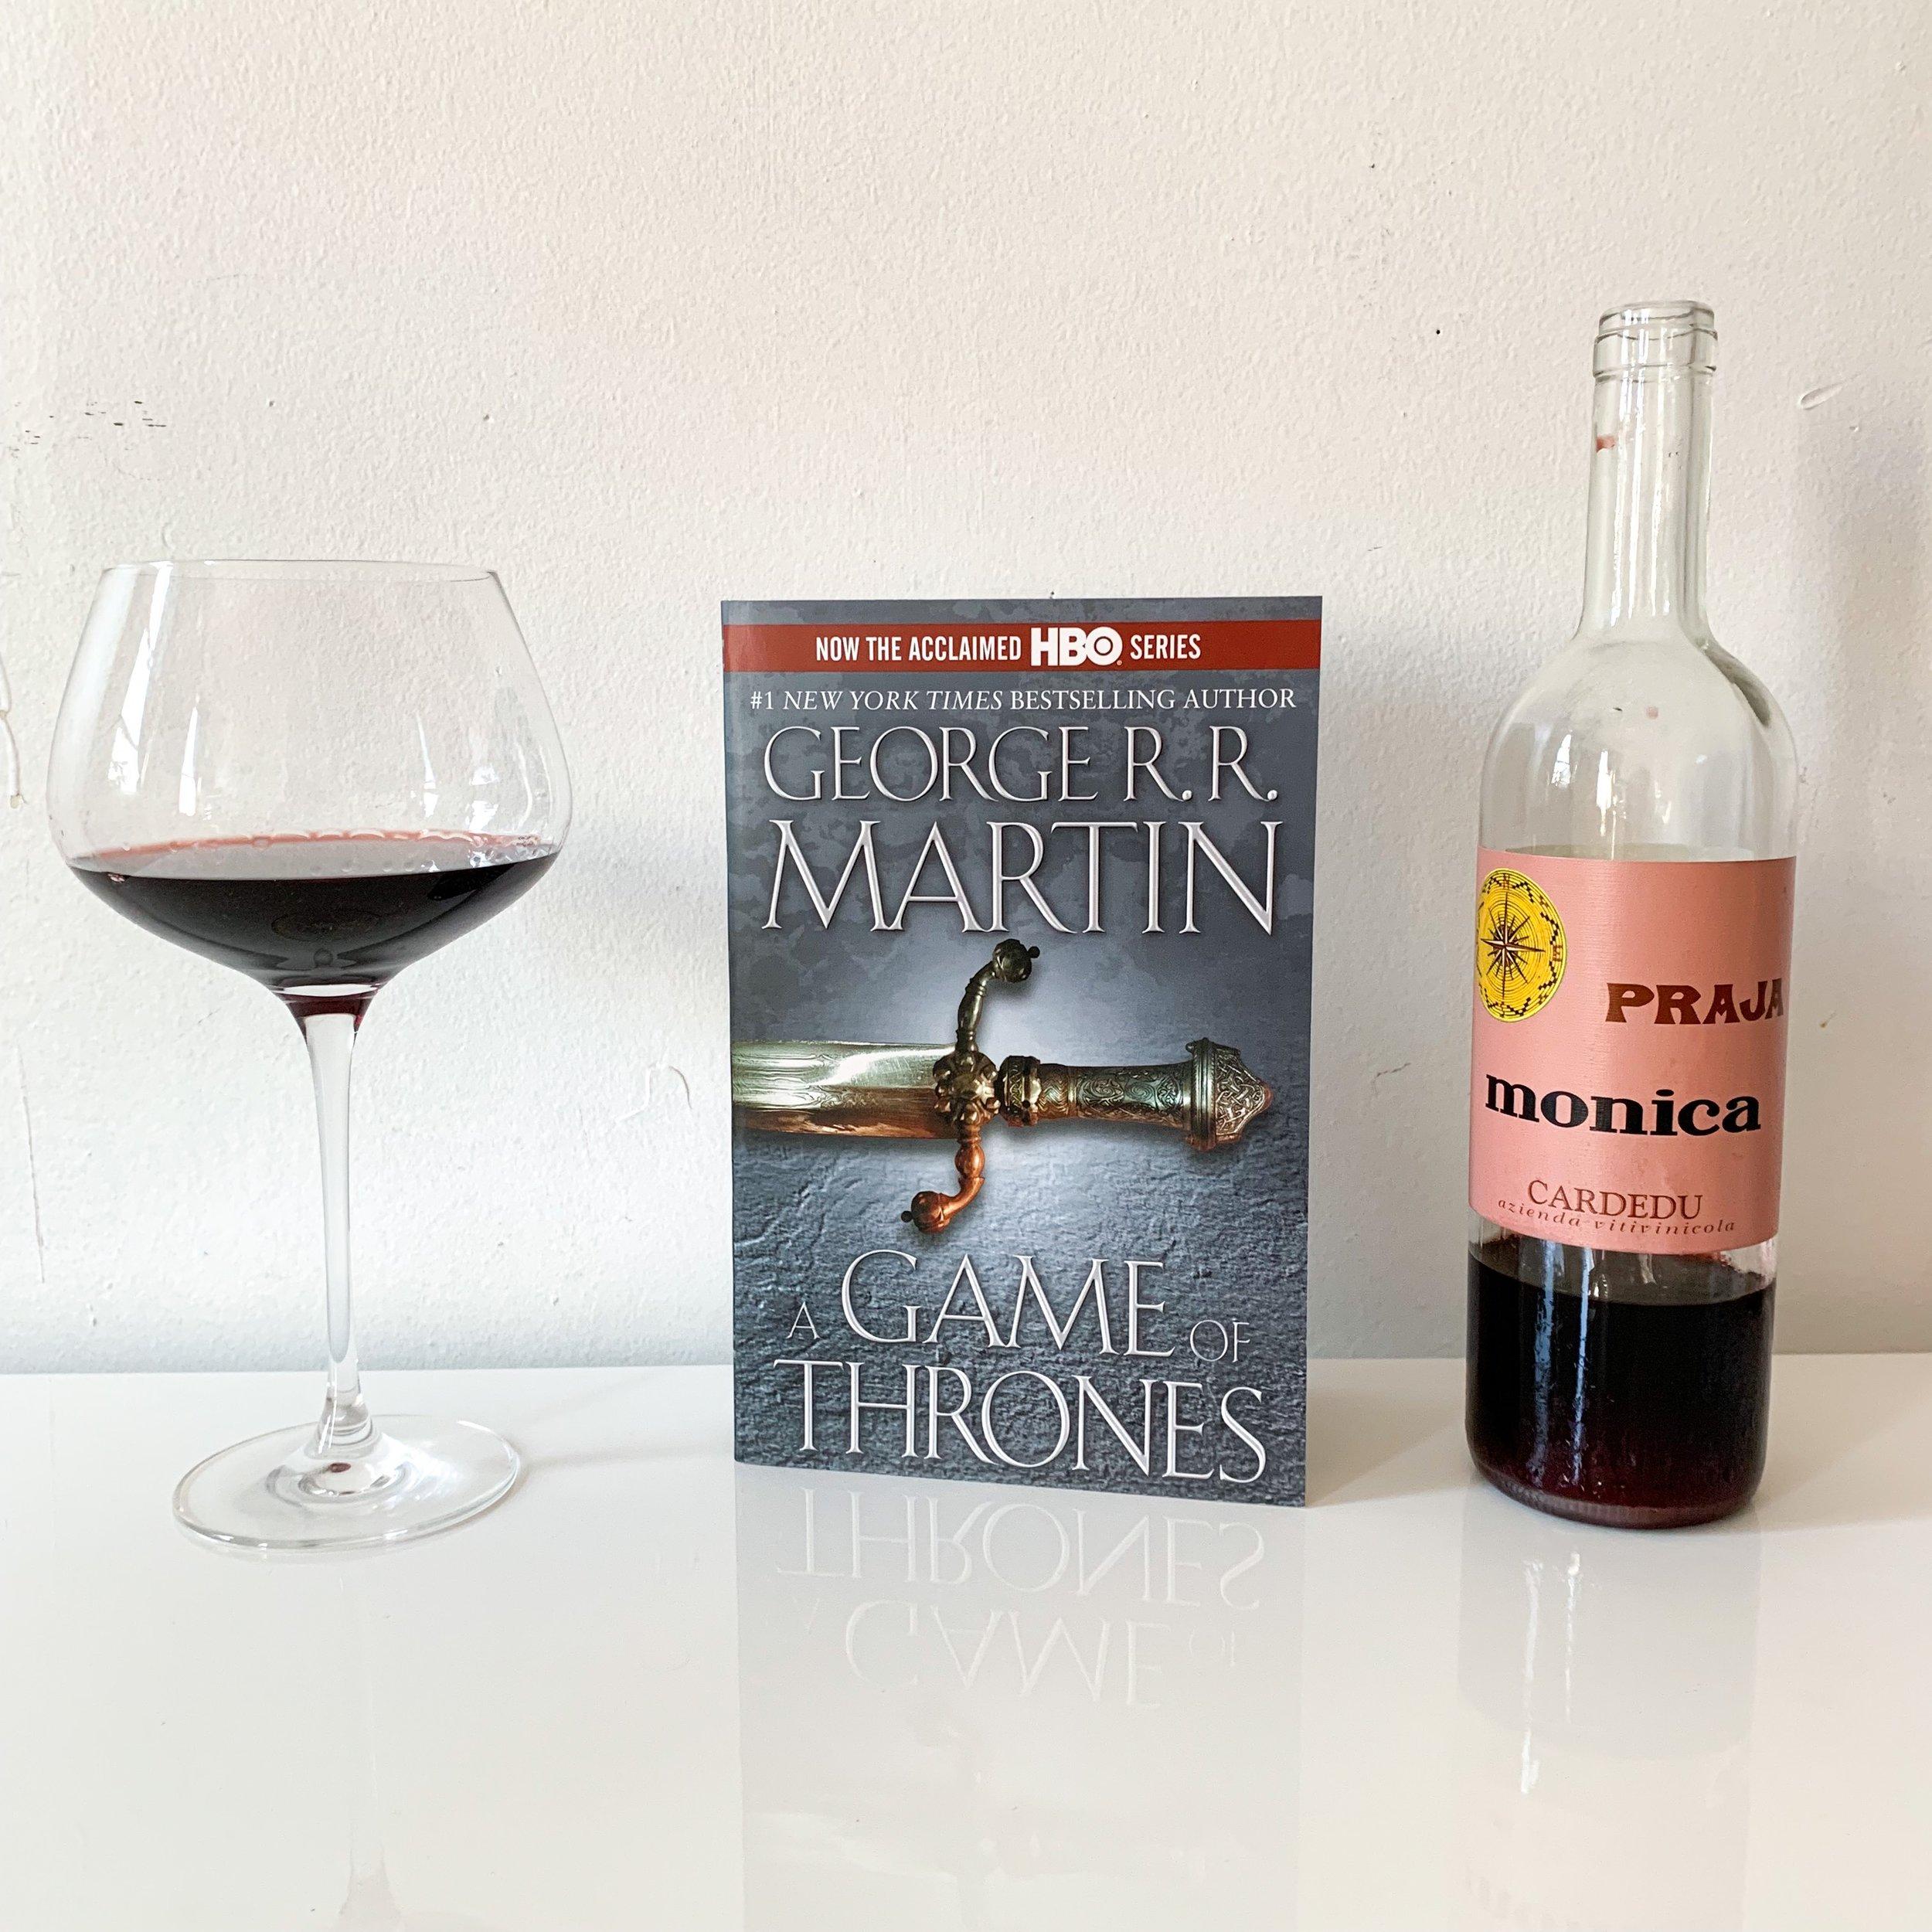 khaleesi_Daenerys_wine.JPEG